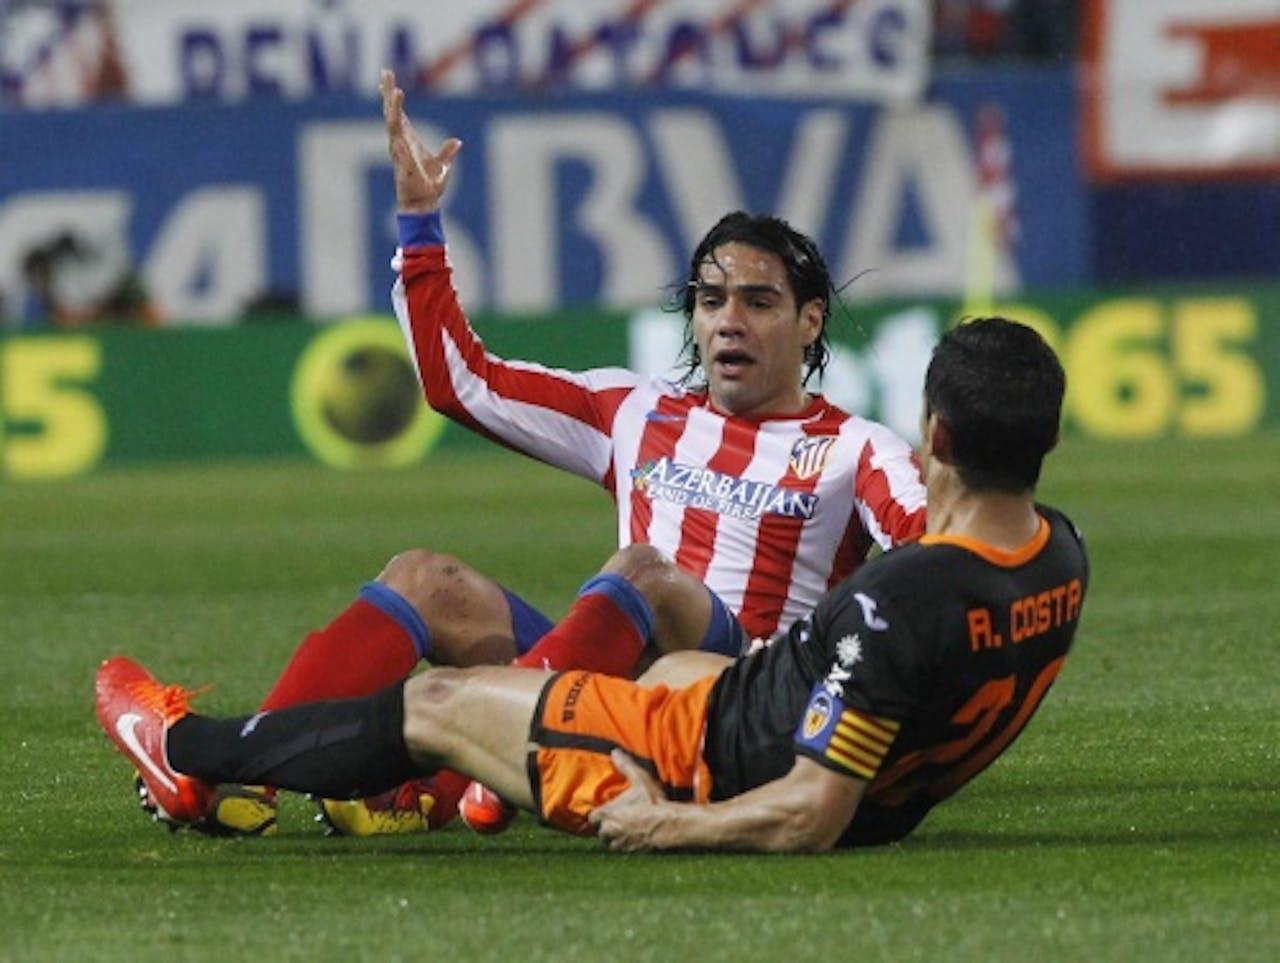 Radamel Falcao (L) van Atletico Madrid en Ricardo Costa (R) van Valencia. EPA